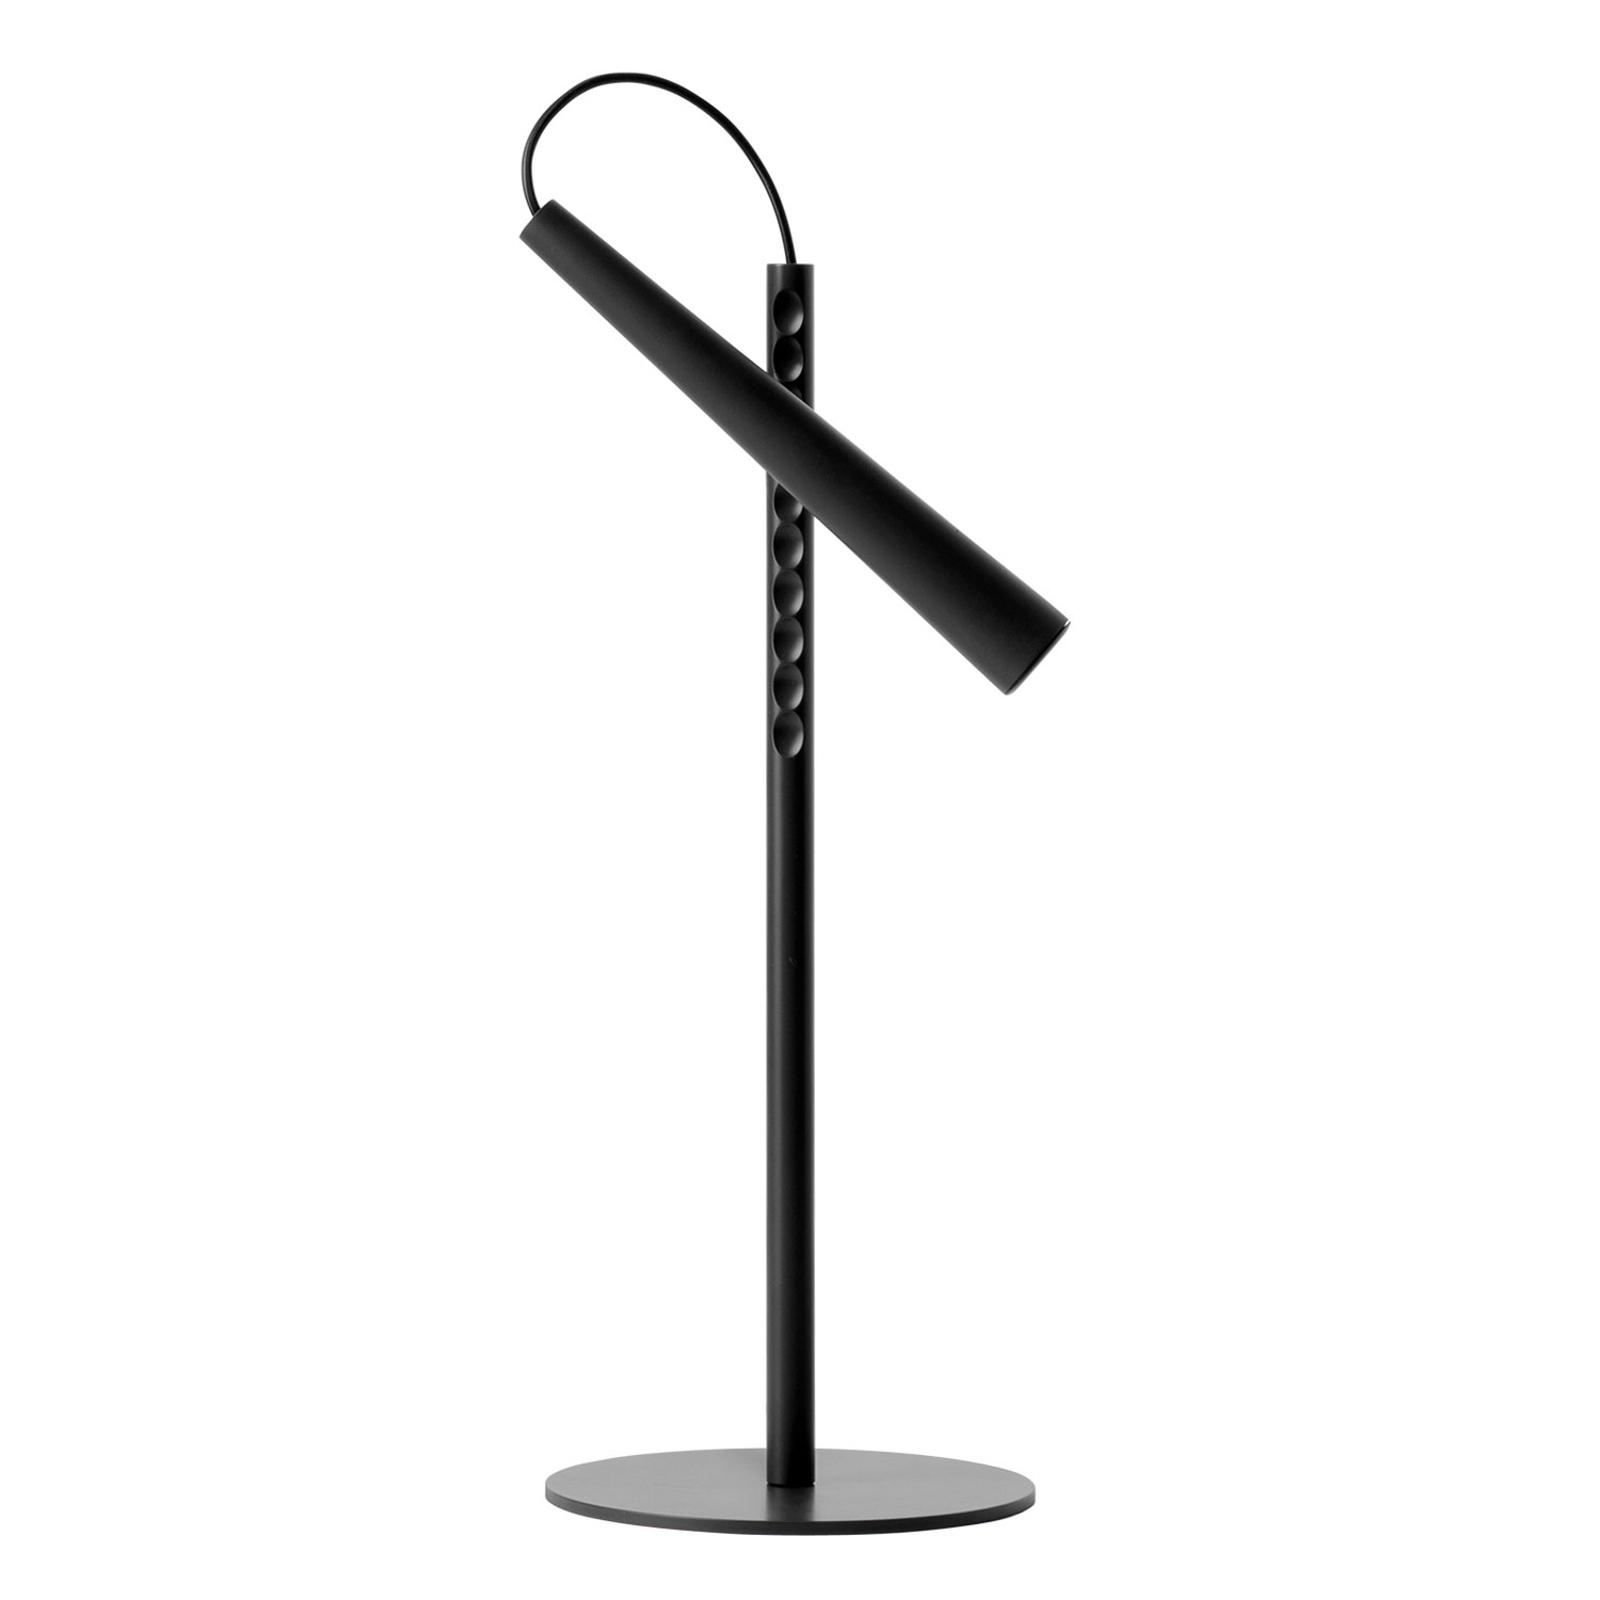 Foscarini Magneto LED-Tischleuchte, schwarz